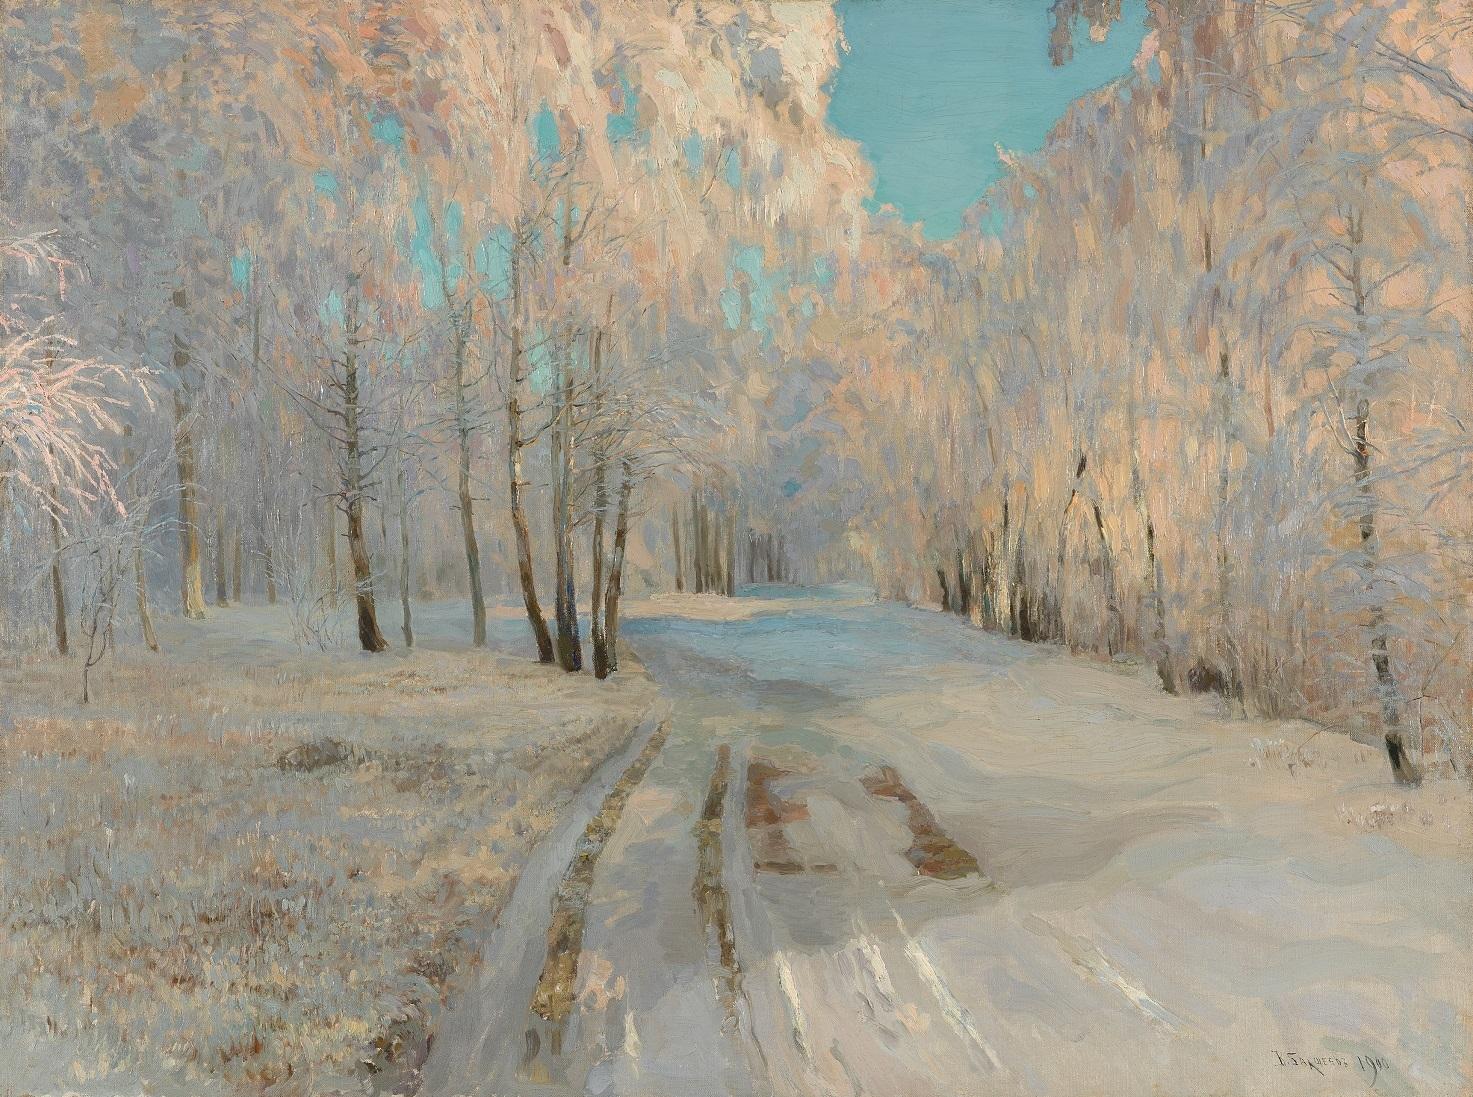 ワシーリー・バクシェーエフ 《樹氷》 1900年 油彩・キャンヴァス (C) The State Tretyakov Gallery